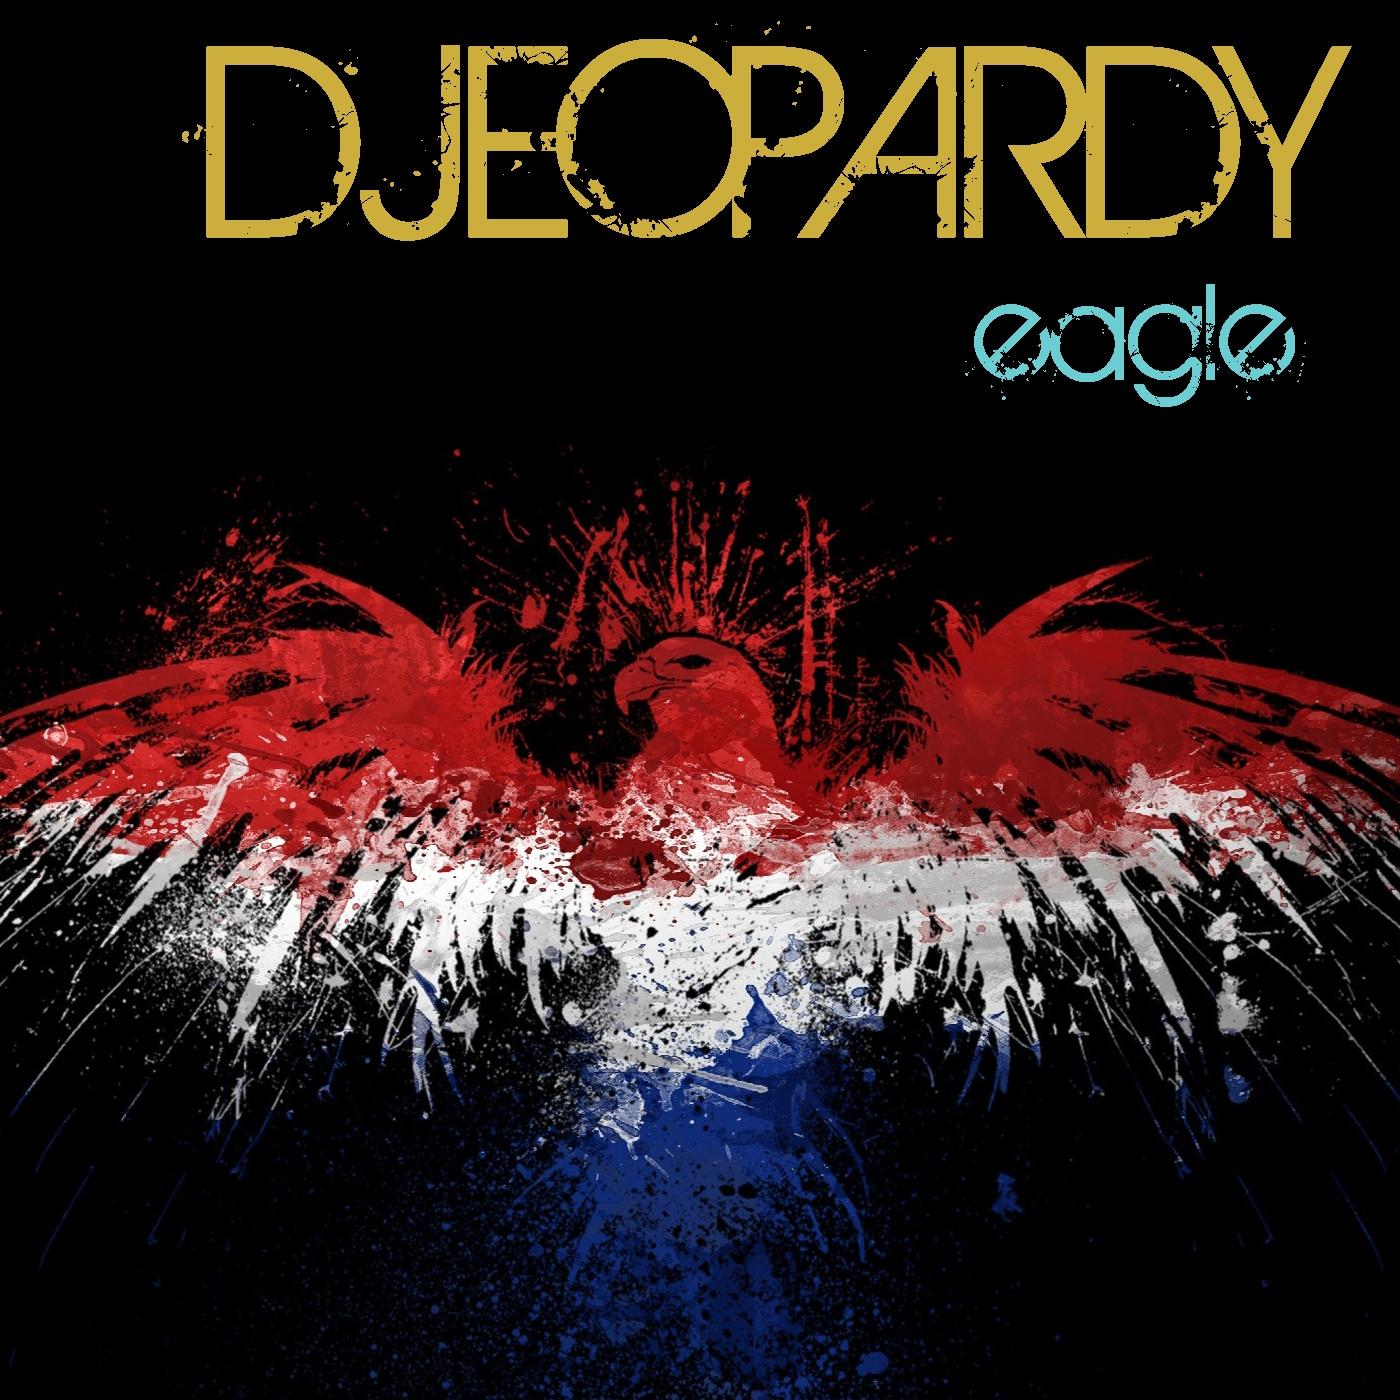 DJeopardy - Twerk That Booty (Original Mix)